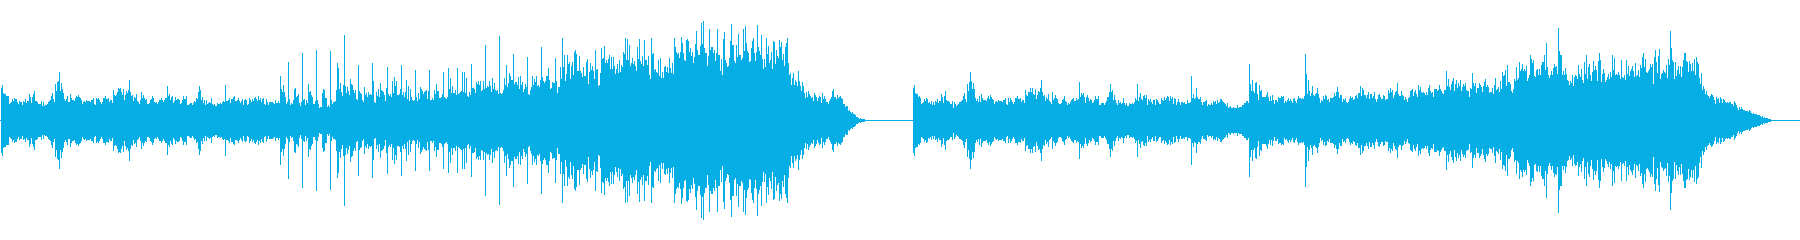 現代の交響曲 劇的な 神経質 エー...の再生済みの波形